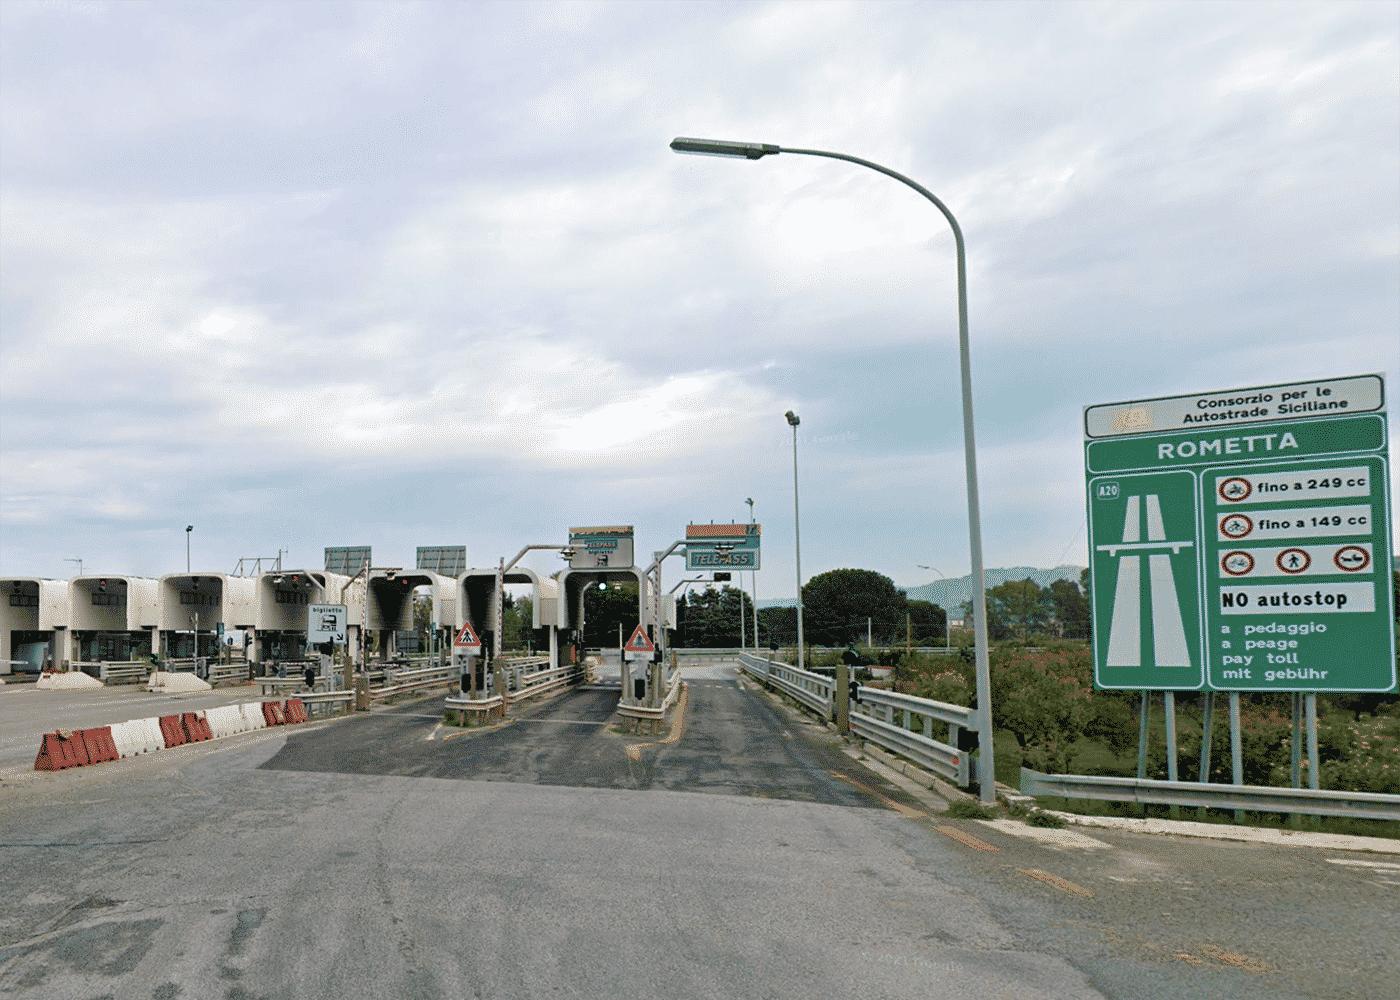 Autostrade Siciliane, proseguono i lavori sulla A20: ecco il calendario